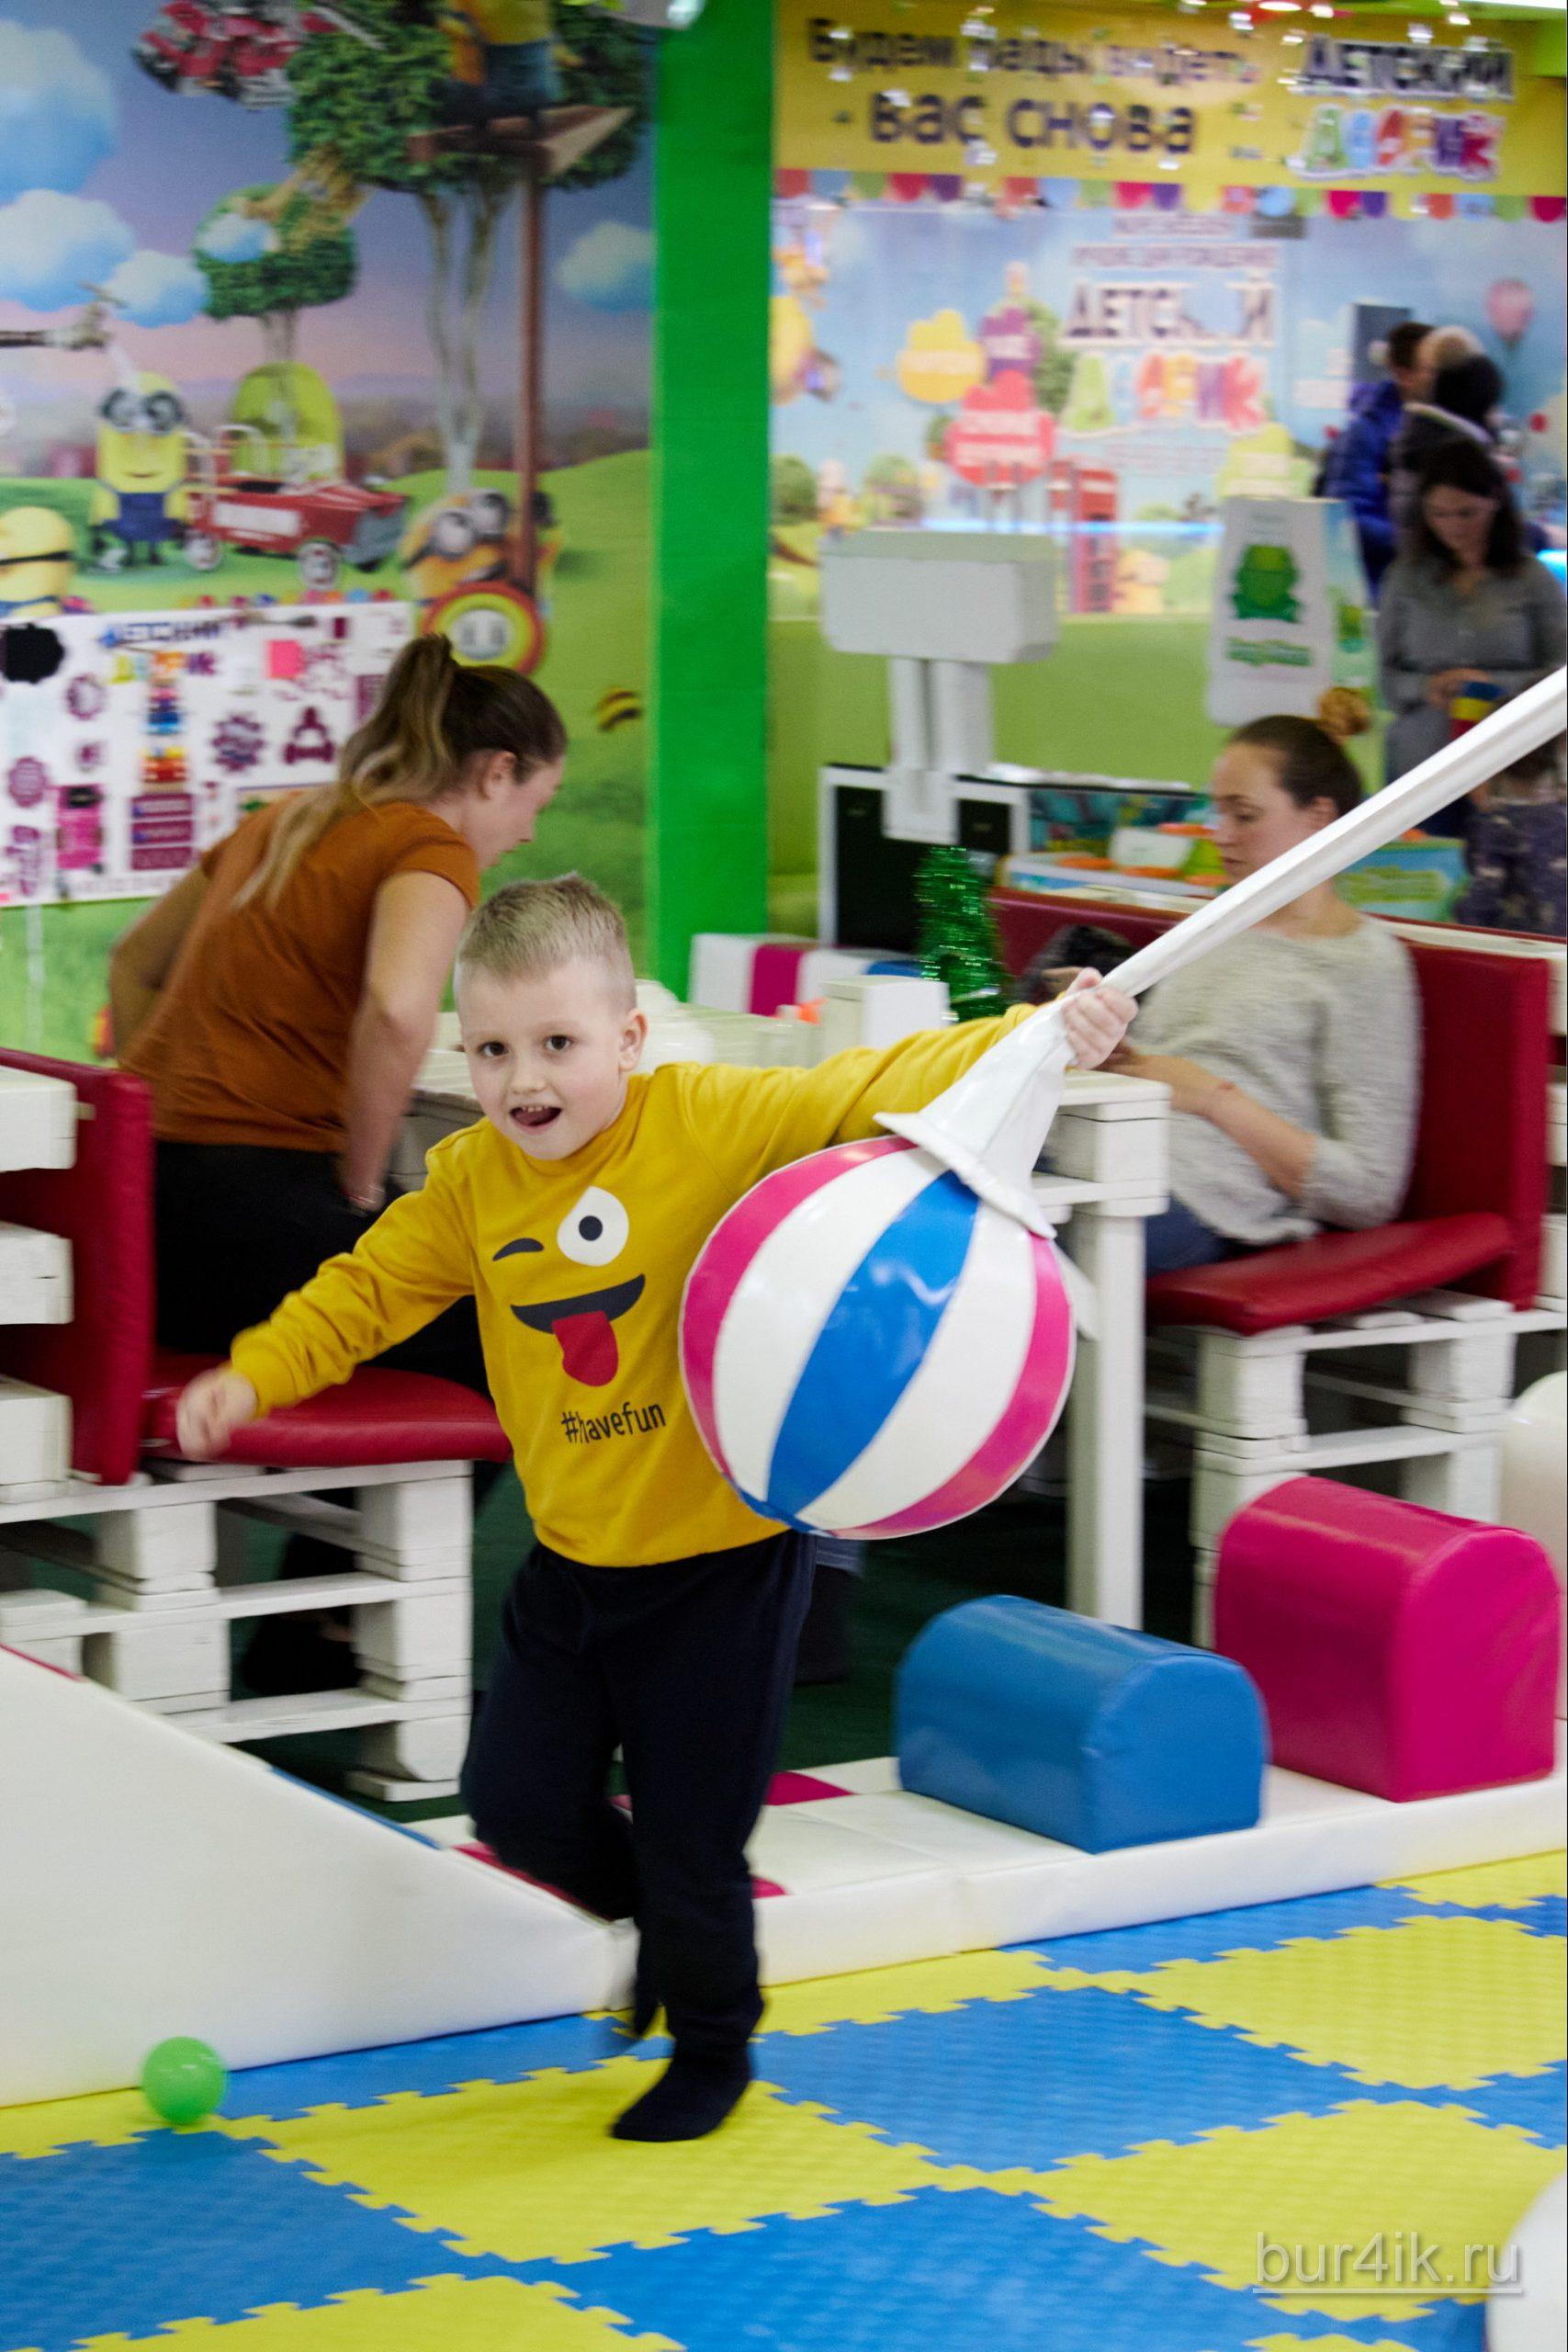 Фото Детское День Рождения в Детский Дворик 15.01.2020 №268 -photo- bur4ik.ru